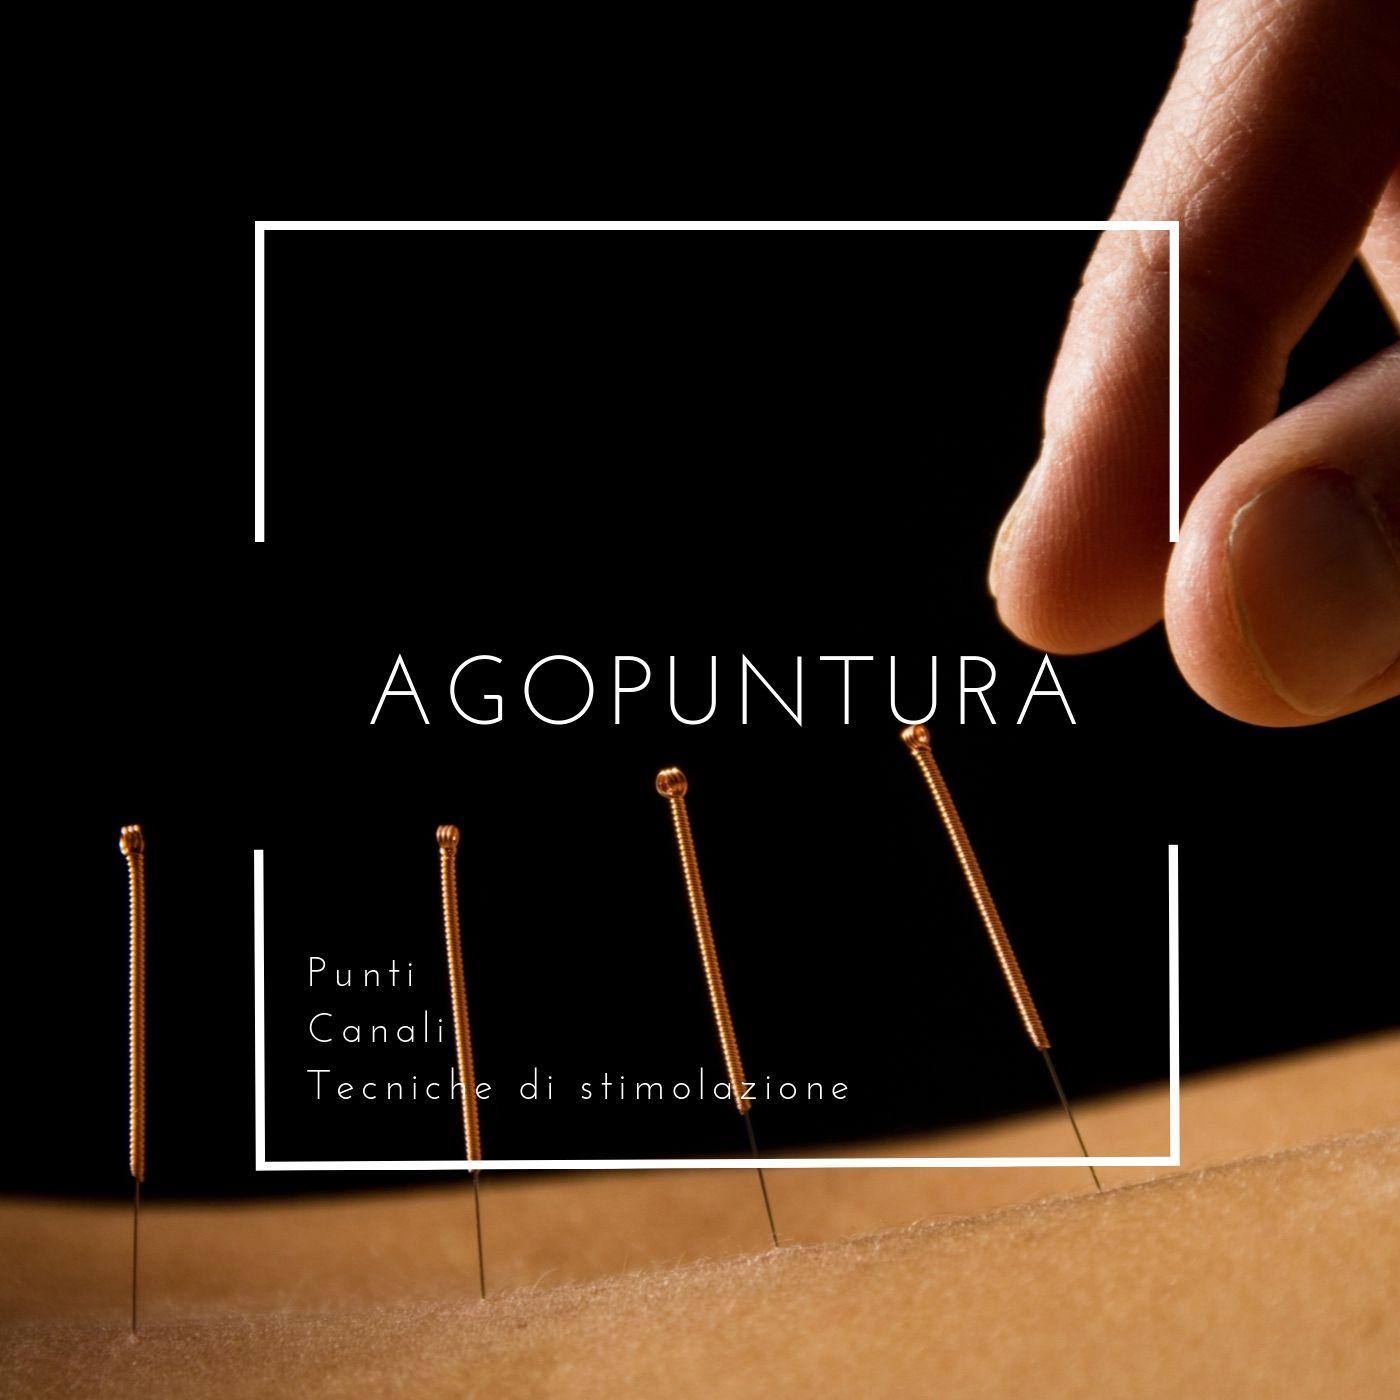 Agopuntura smettere di fumare olbia